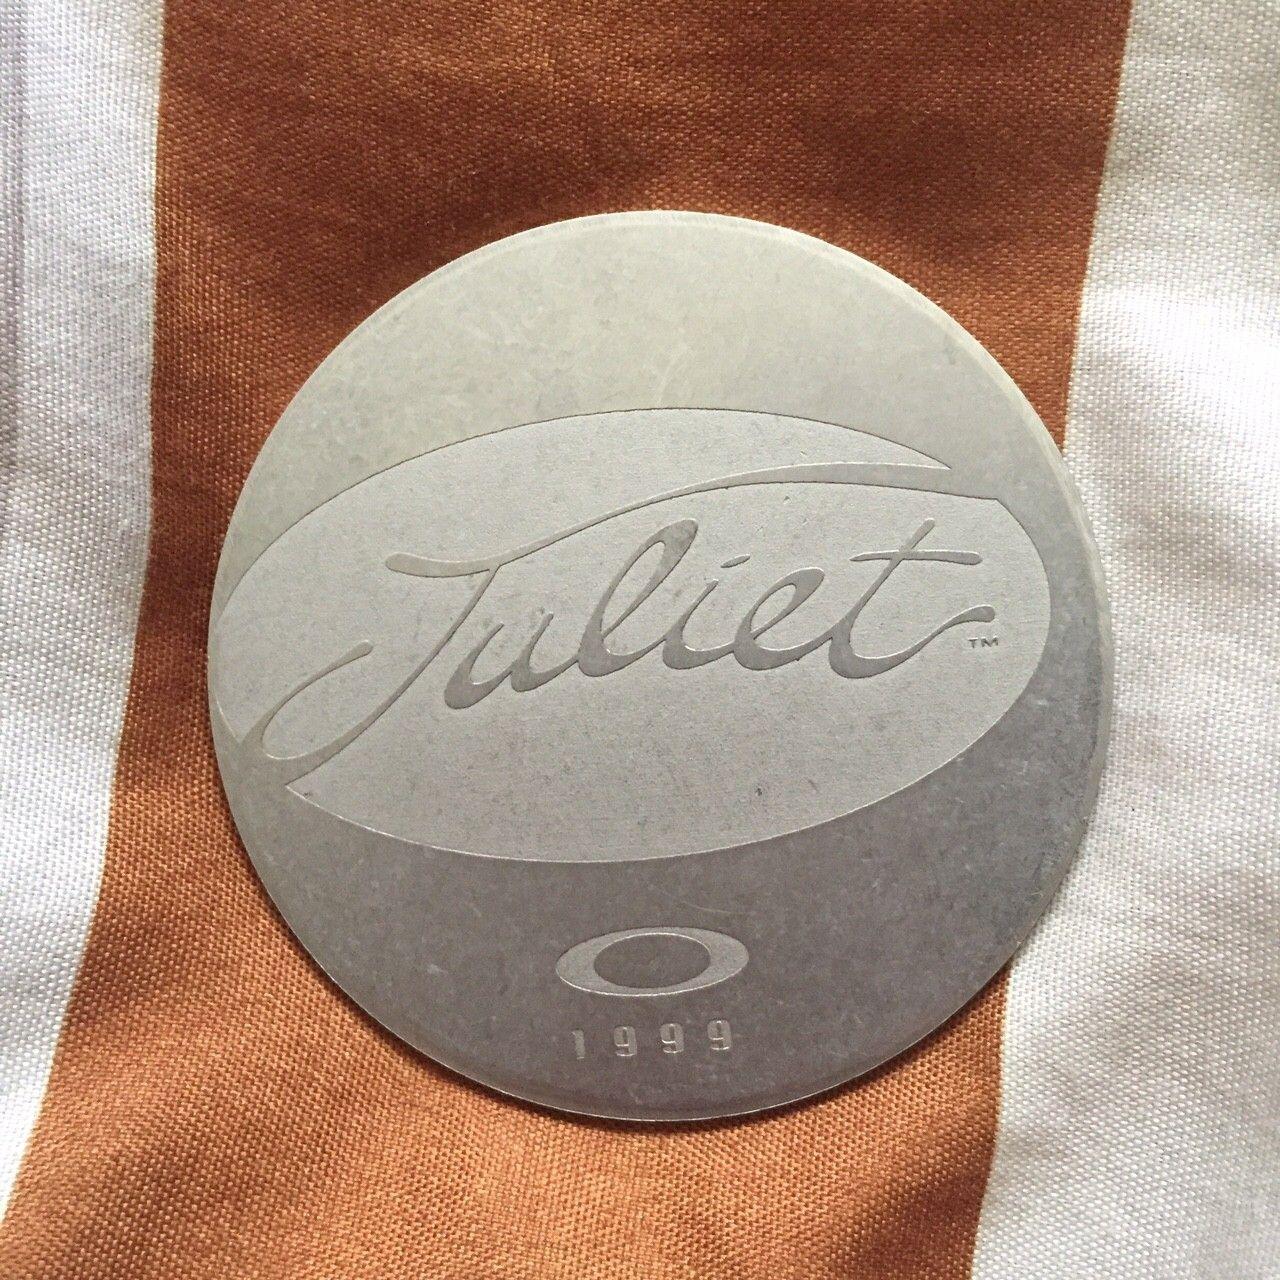 X Metal Juliet Coin - FullSizeRender3.jpg